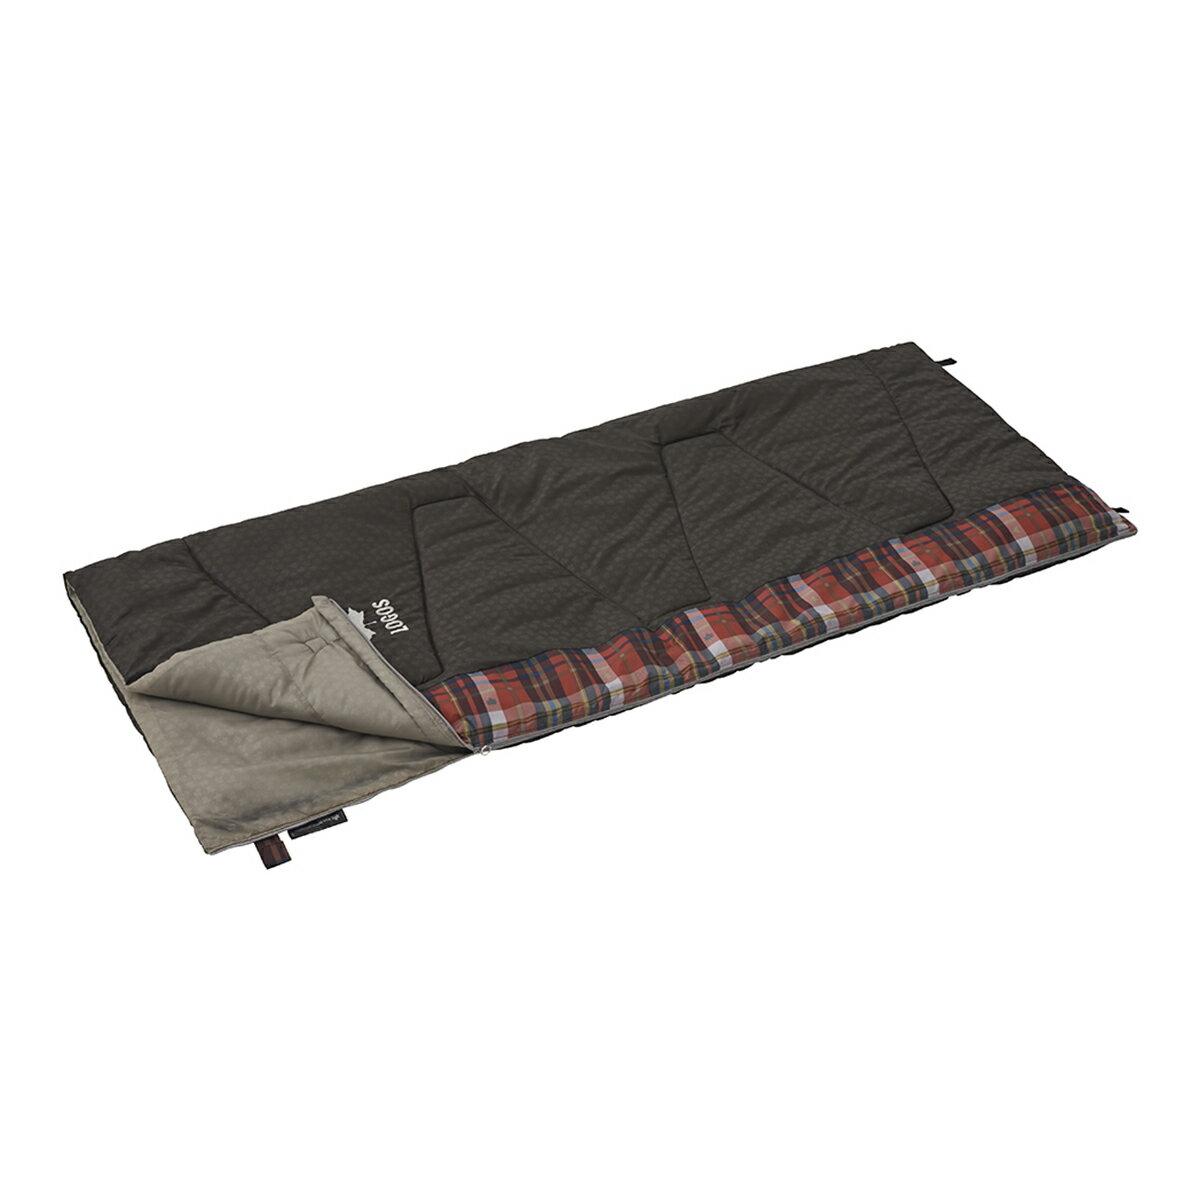 OUTDOOR LOGOS(ロゴス) 丸洗いスランバーシュラフ・0 72602020シュラフ 寝袋 アウトドア用寝具 封筒型 封筒スリーシーズン アウトドアギア